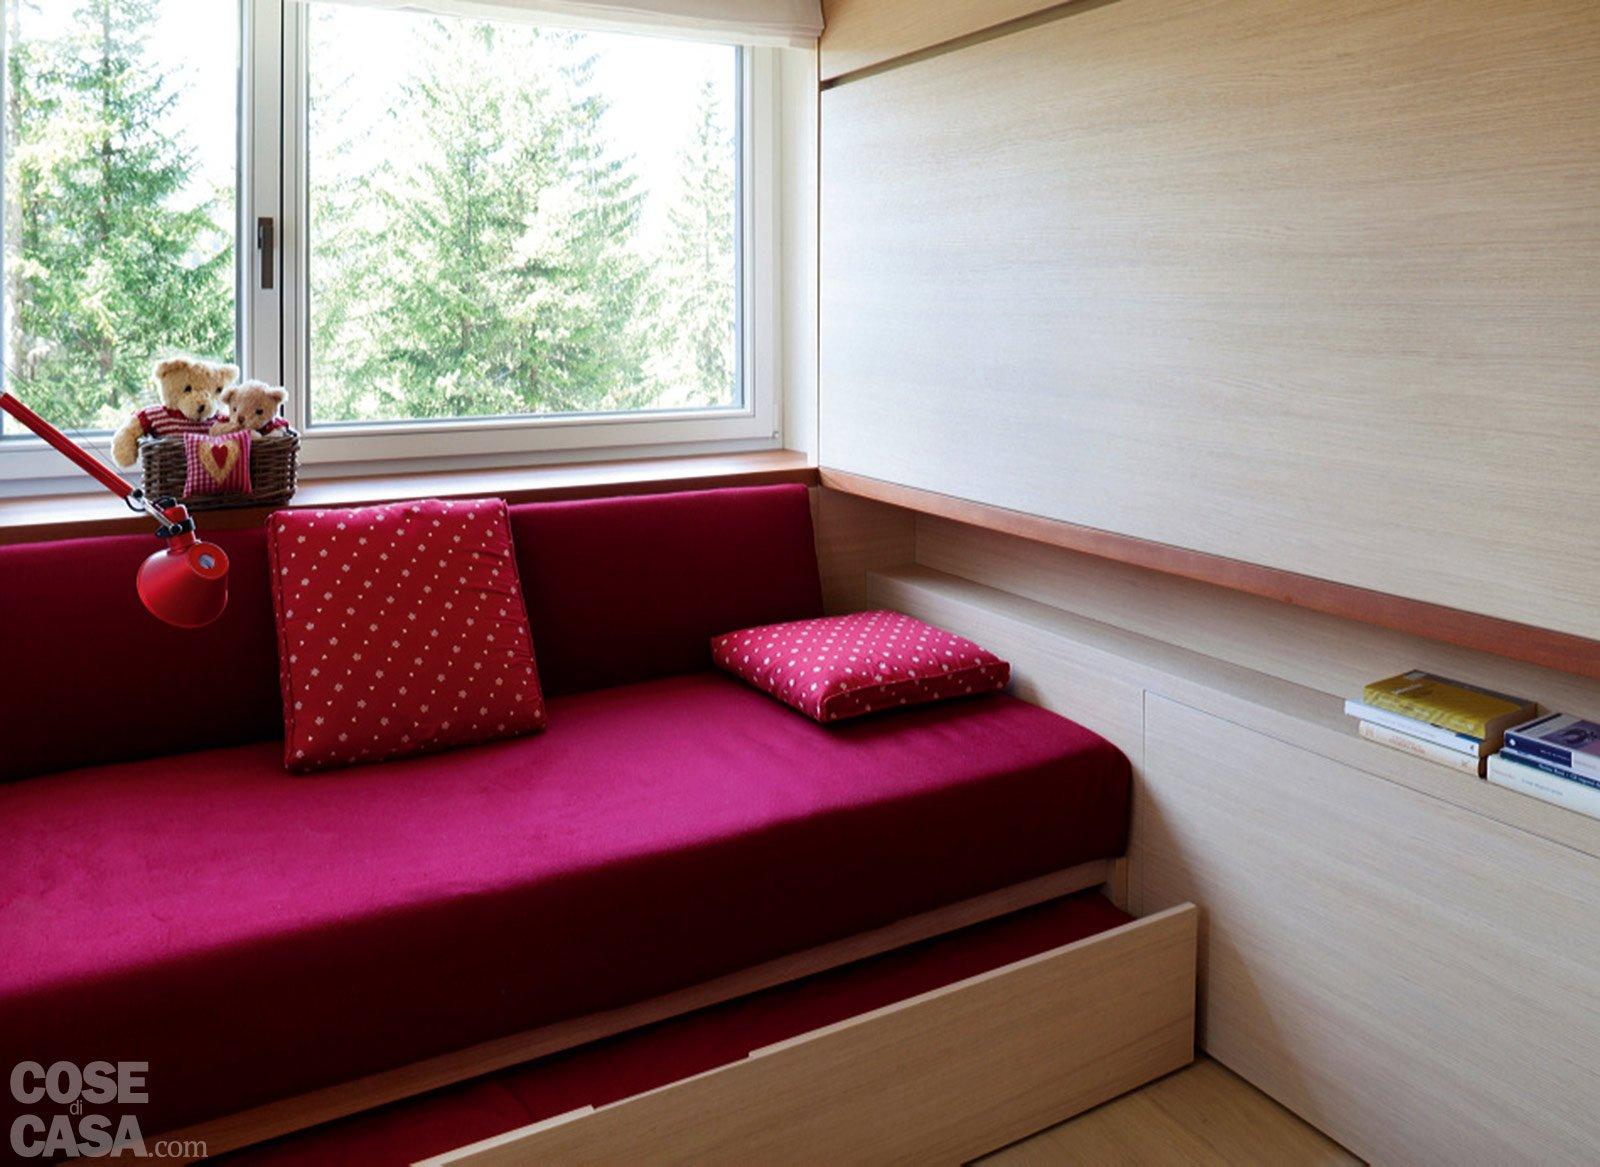 57 mq con ambienti mutevoli cose di casa for Divano davanti porta finestra